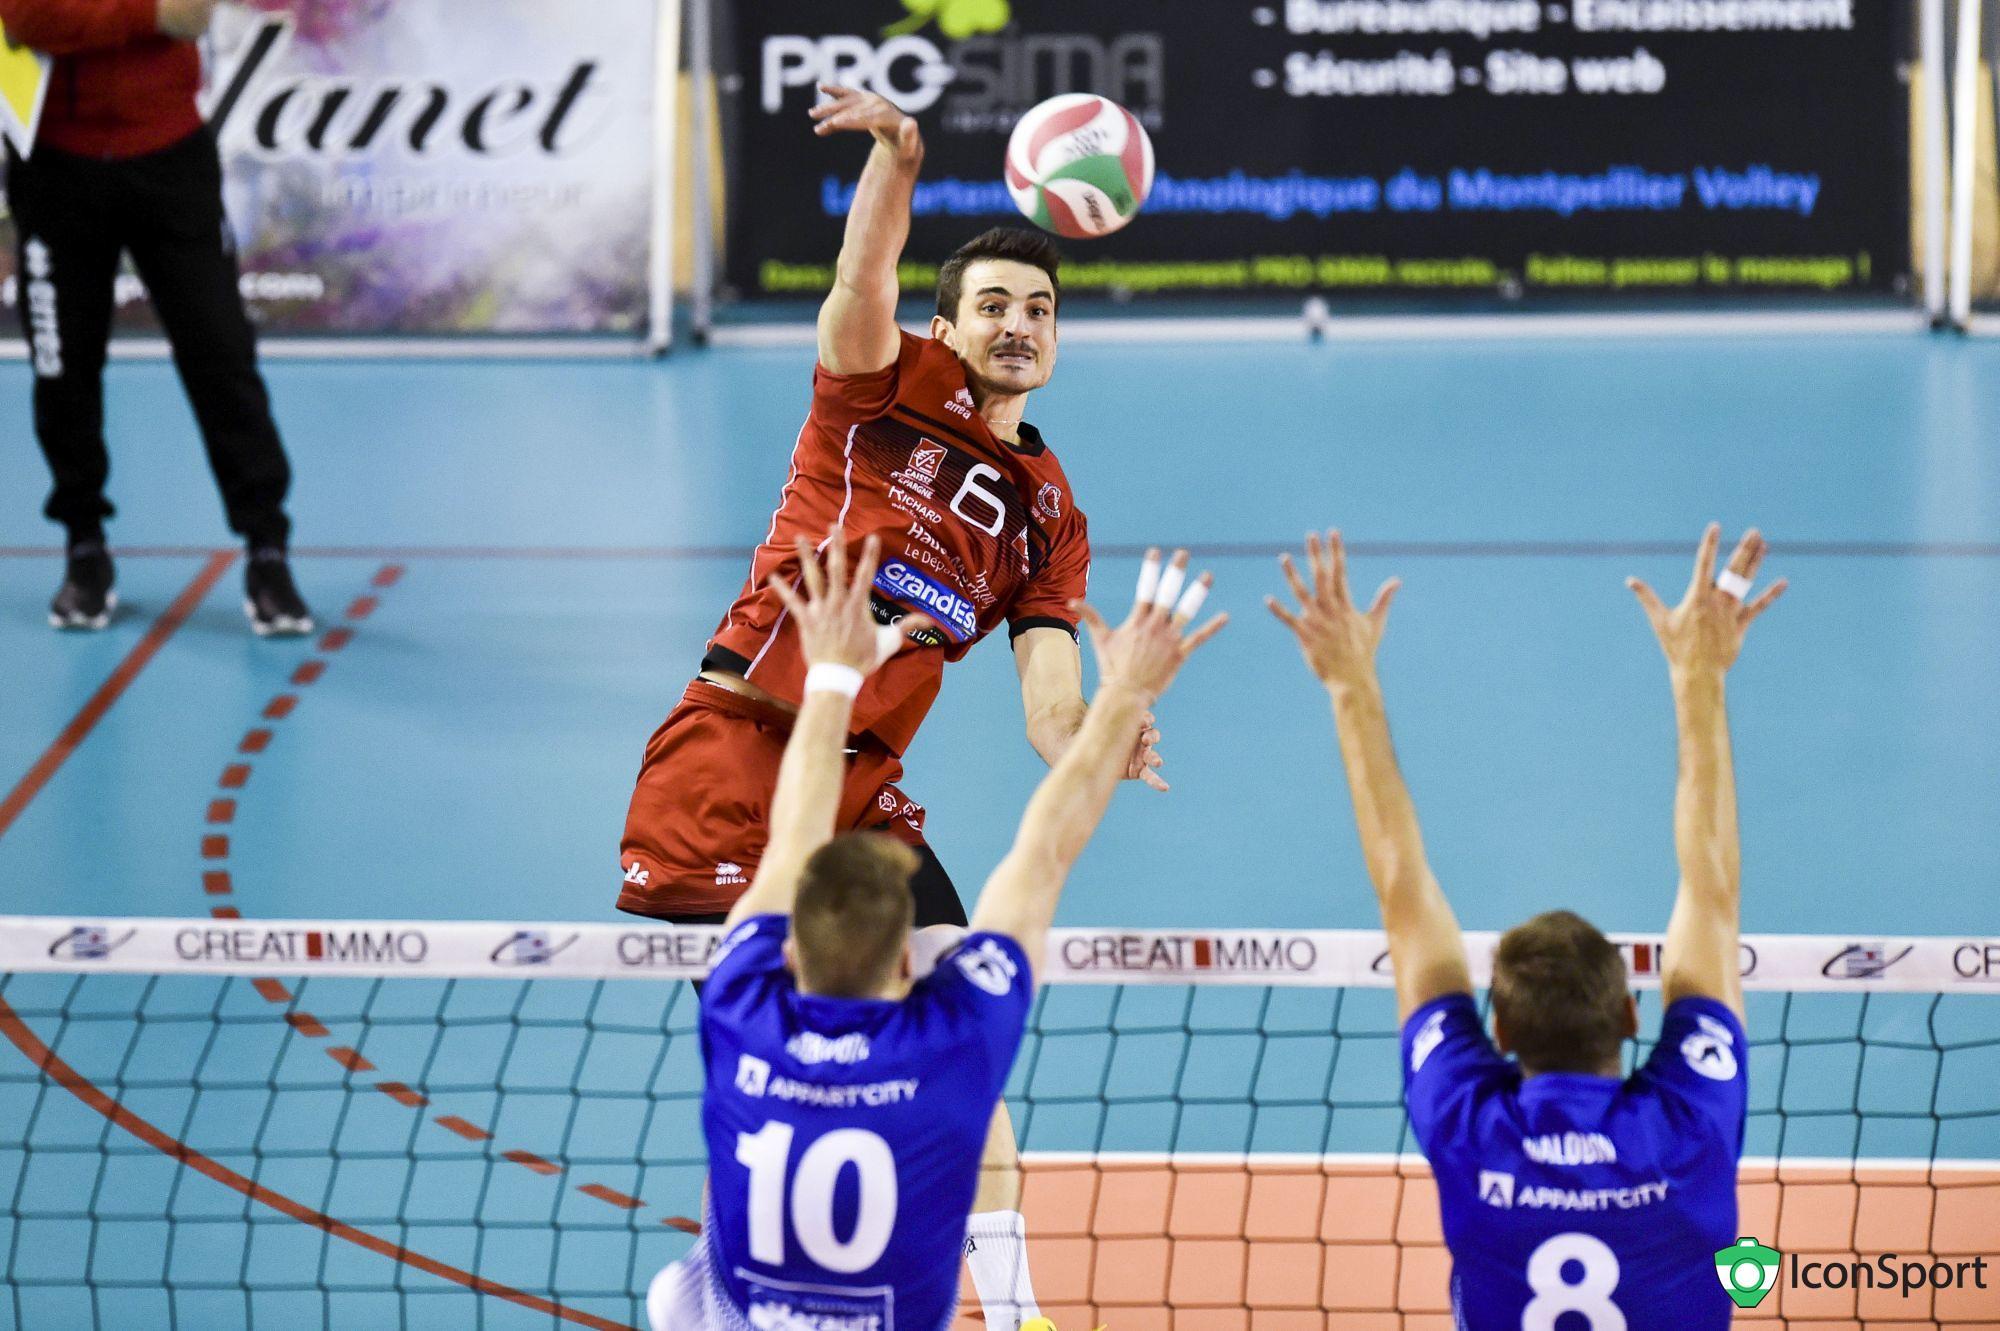 Coupes de france de volley 2018 2019 logique respect e - Coupe de france de volley ...